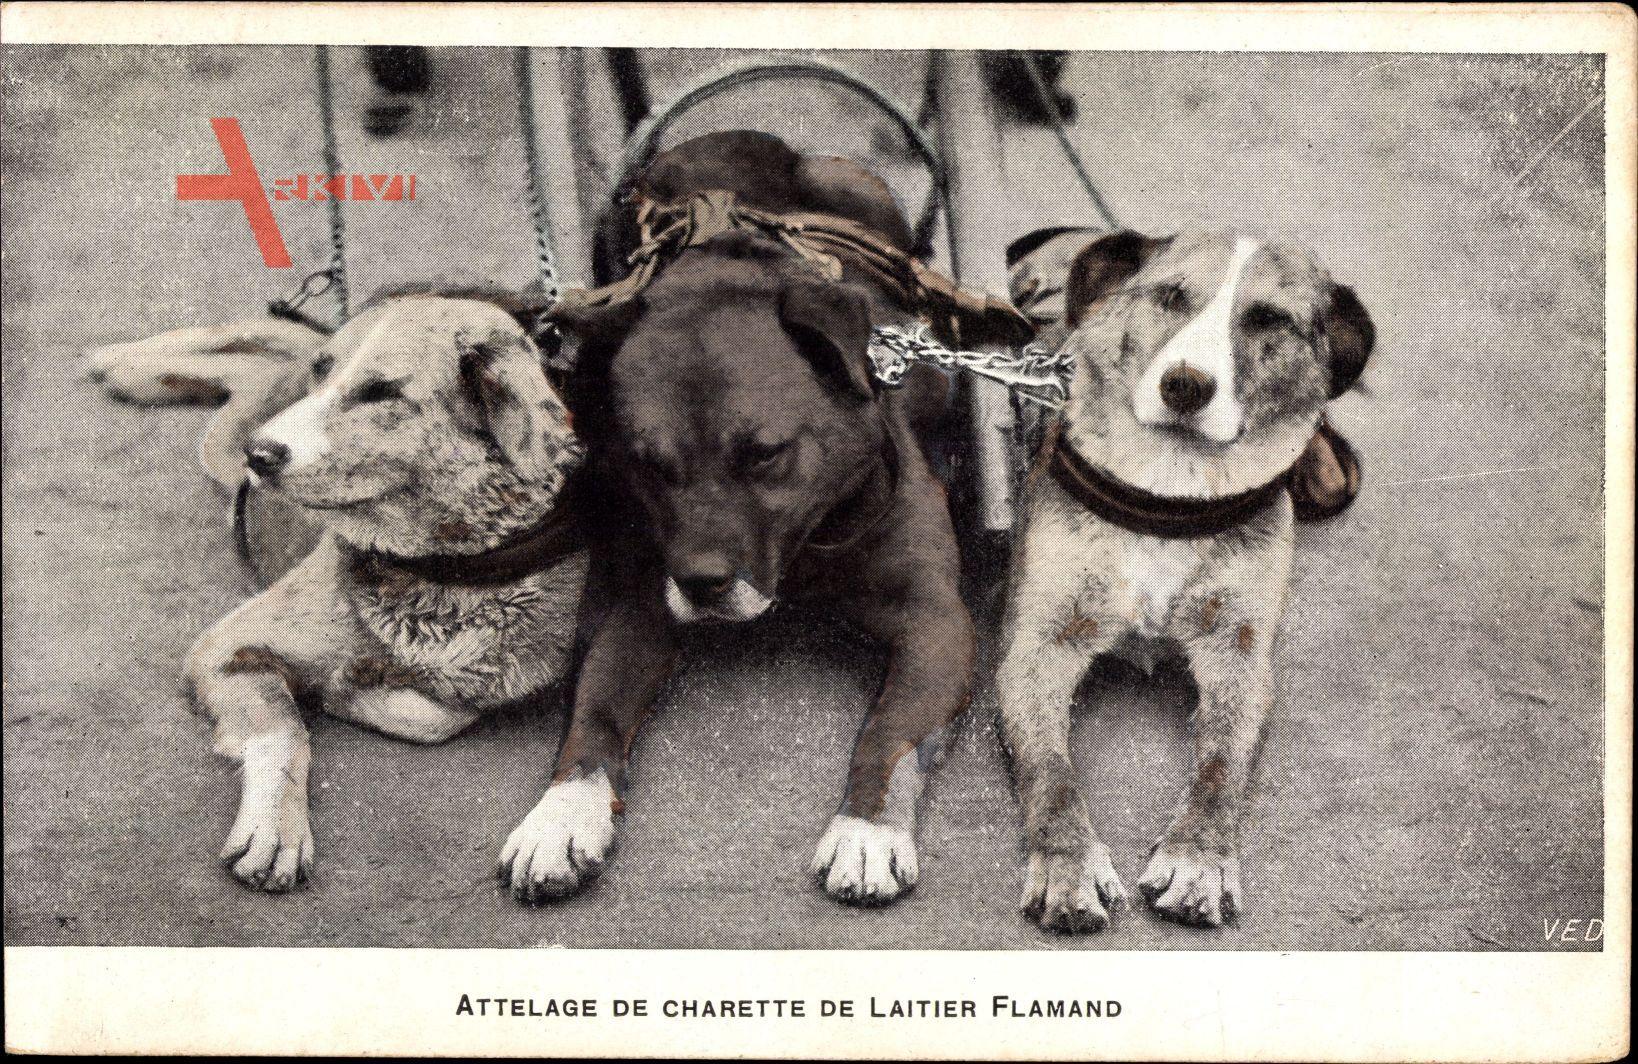 Attelage de Charette de Laitier Flamand, Zughunde, Flämischer Milchwagen